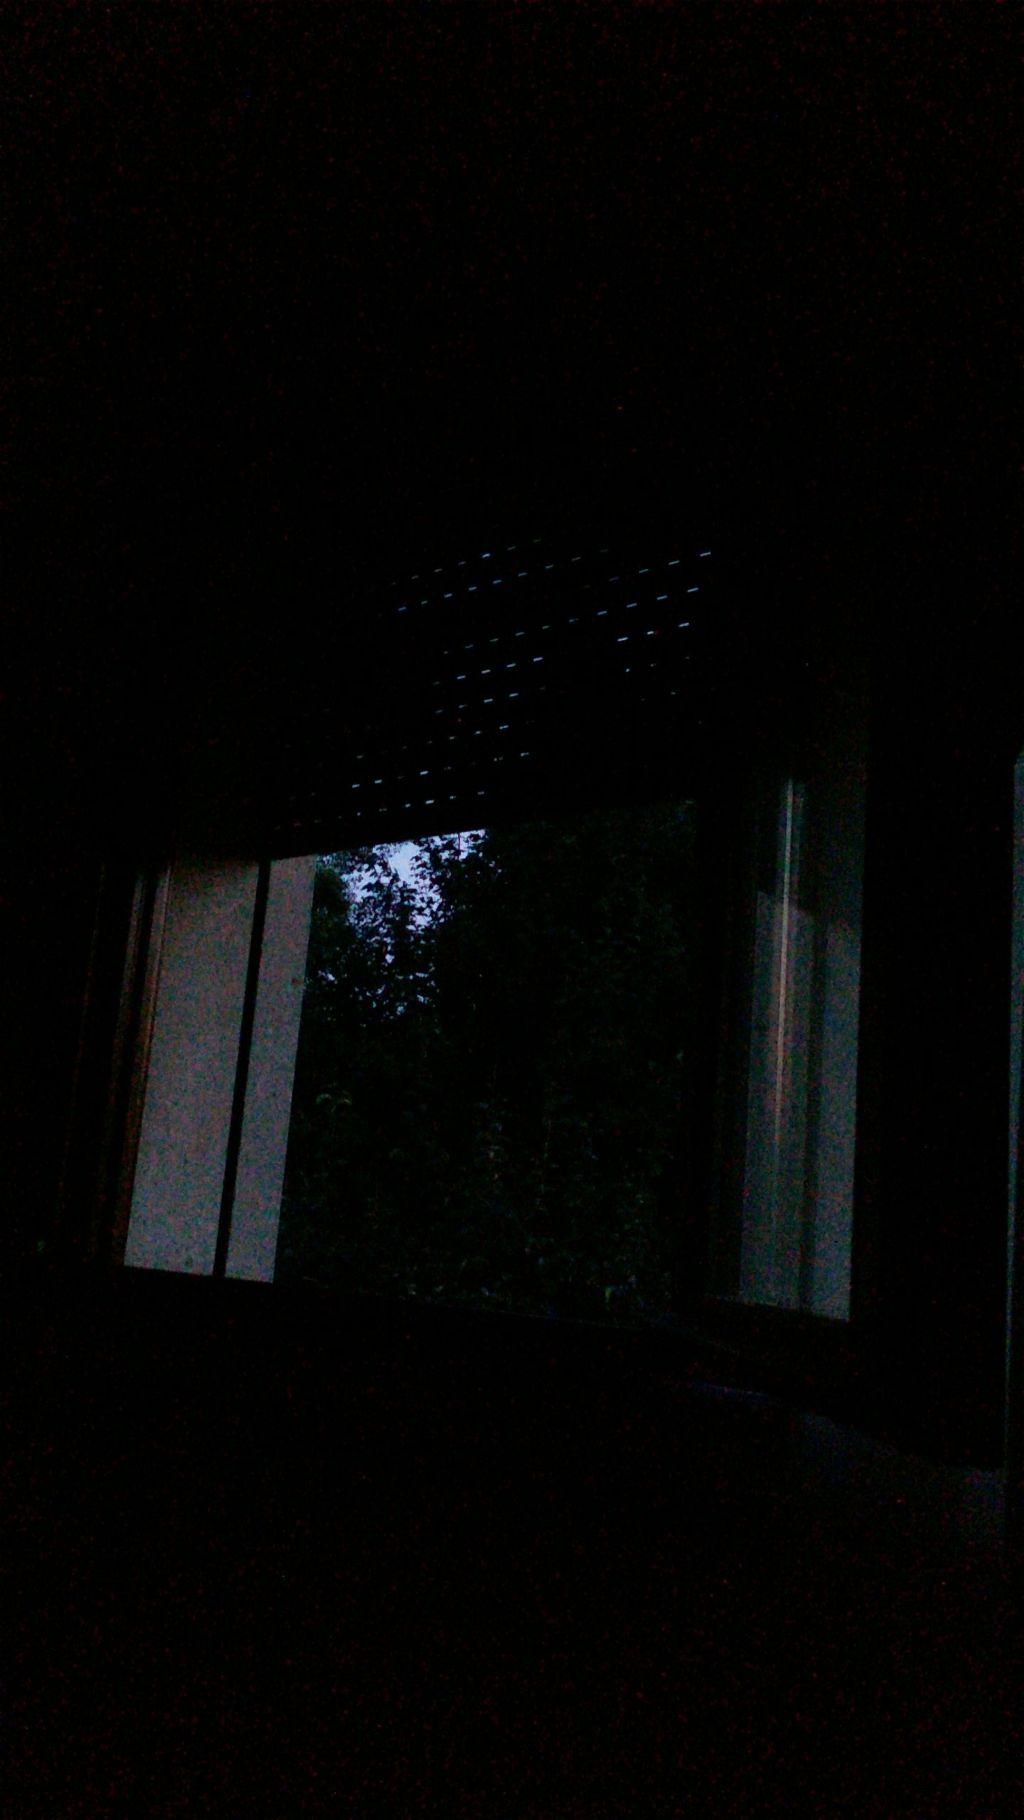 La tua foto profilo sempre account a me una picsart - Affacciati alla finestra amore mio ...